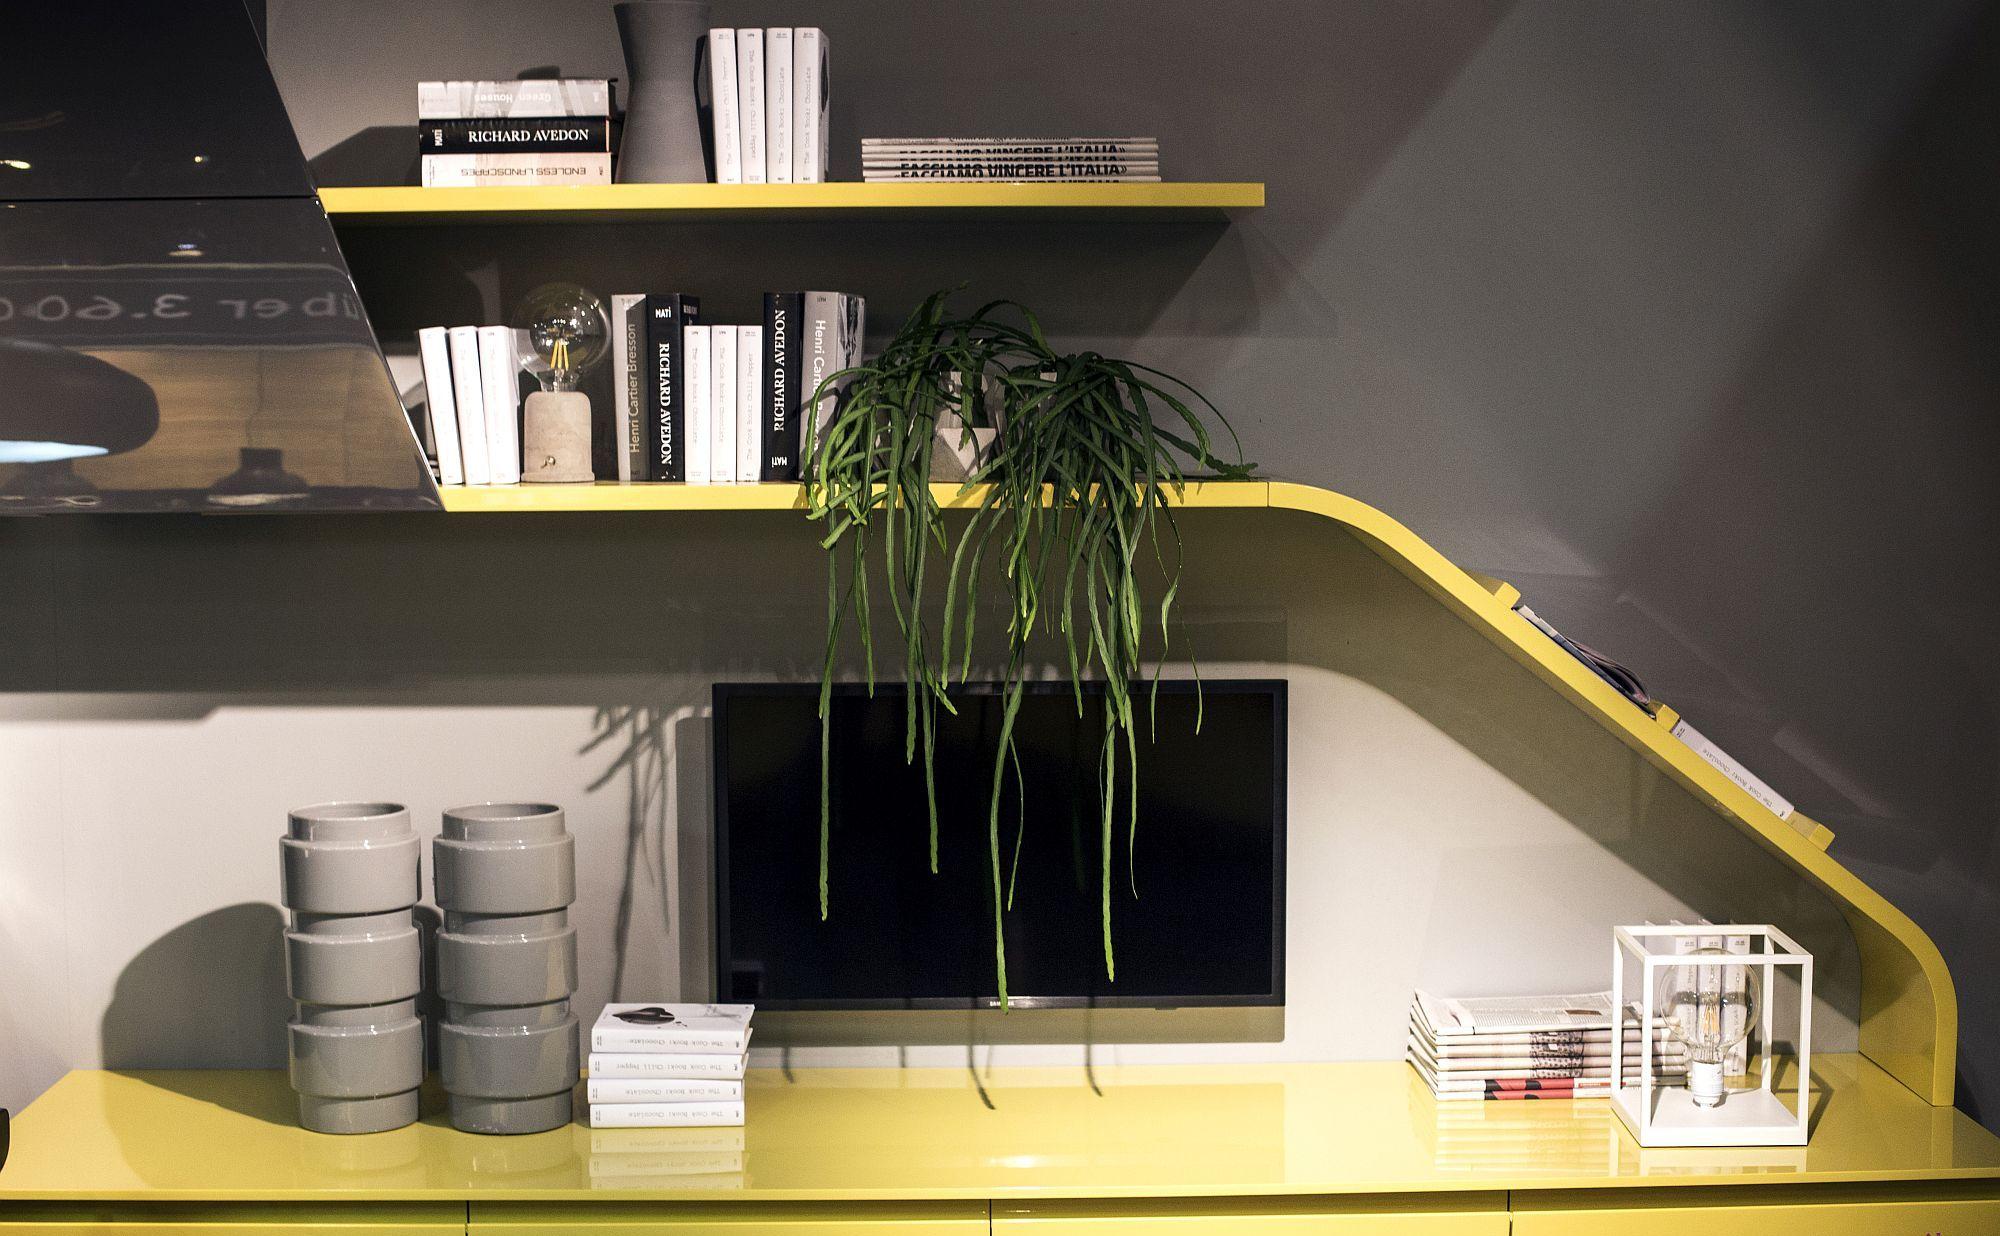 Дизайн интерьера и мебели для маленькой кухни: небольшой гарнитур - фото 4